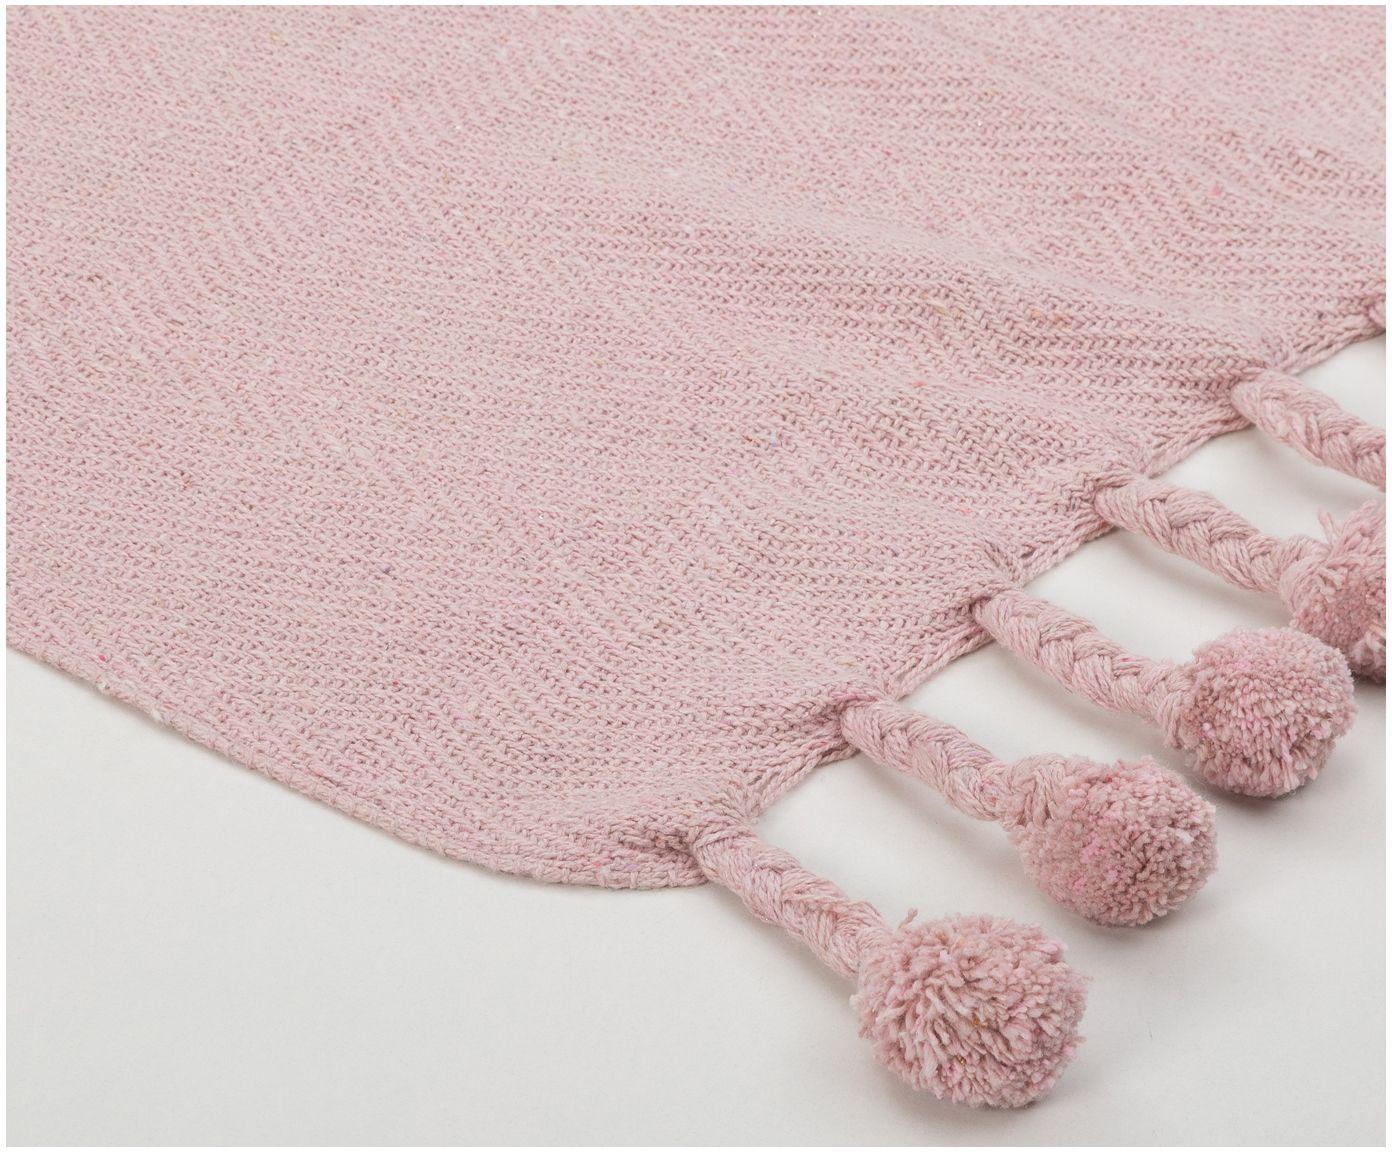 Kuscheln Sie sich in das Plaid Sorbet in Rosa mit Pom-Pom Details am Saum. Shoppen Sie weitere tolle Decken >> WestwingNow.